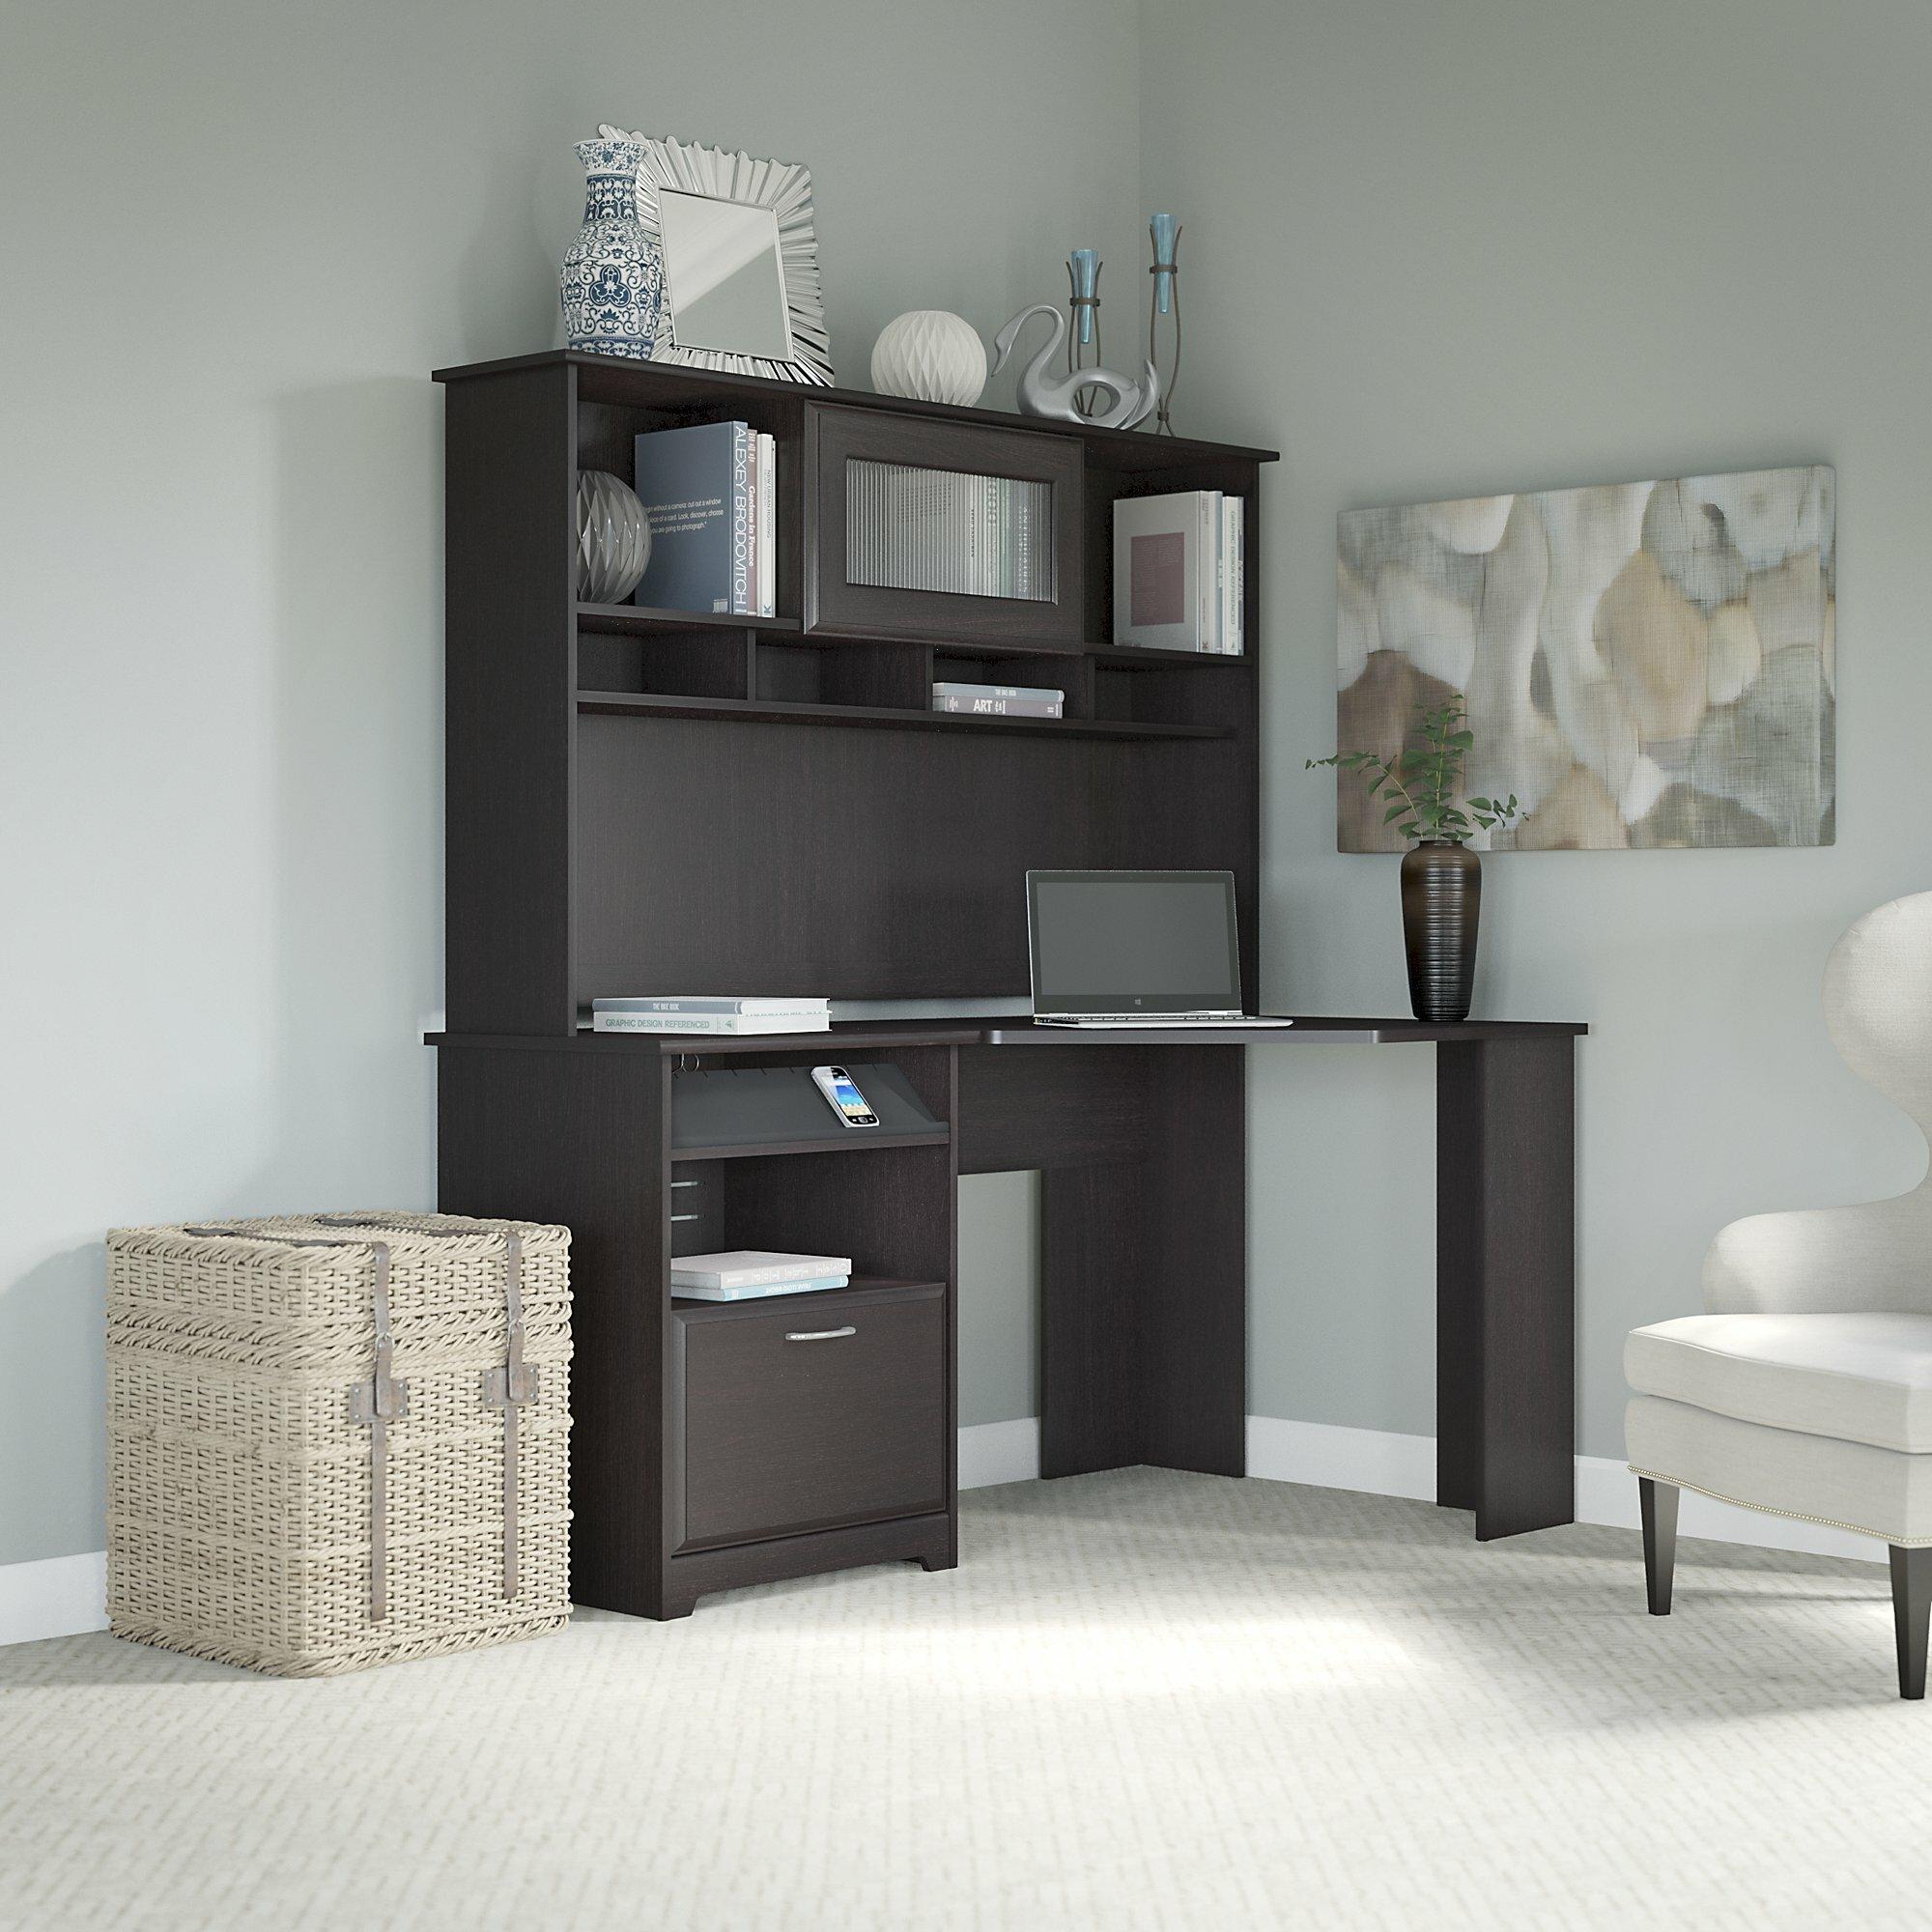 red barrel studio hillsdale corner computer desk with hutch reviews. Black Bedroom Furniture Sets. Home Design Ideas